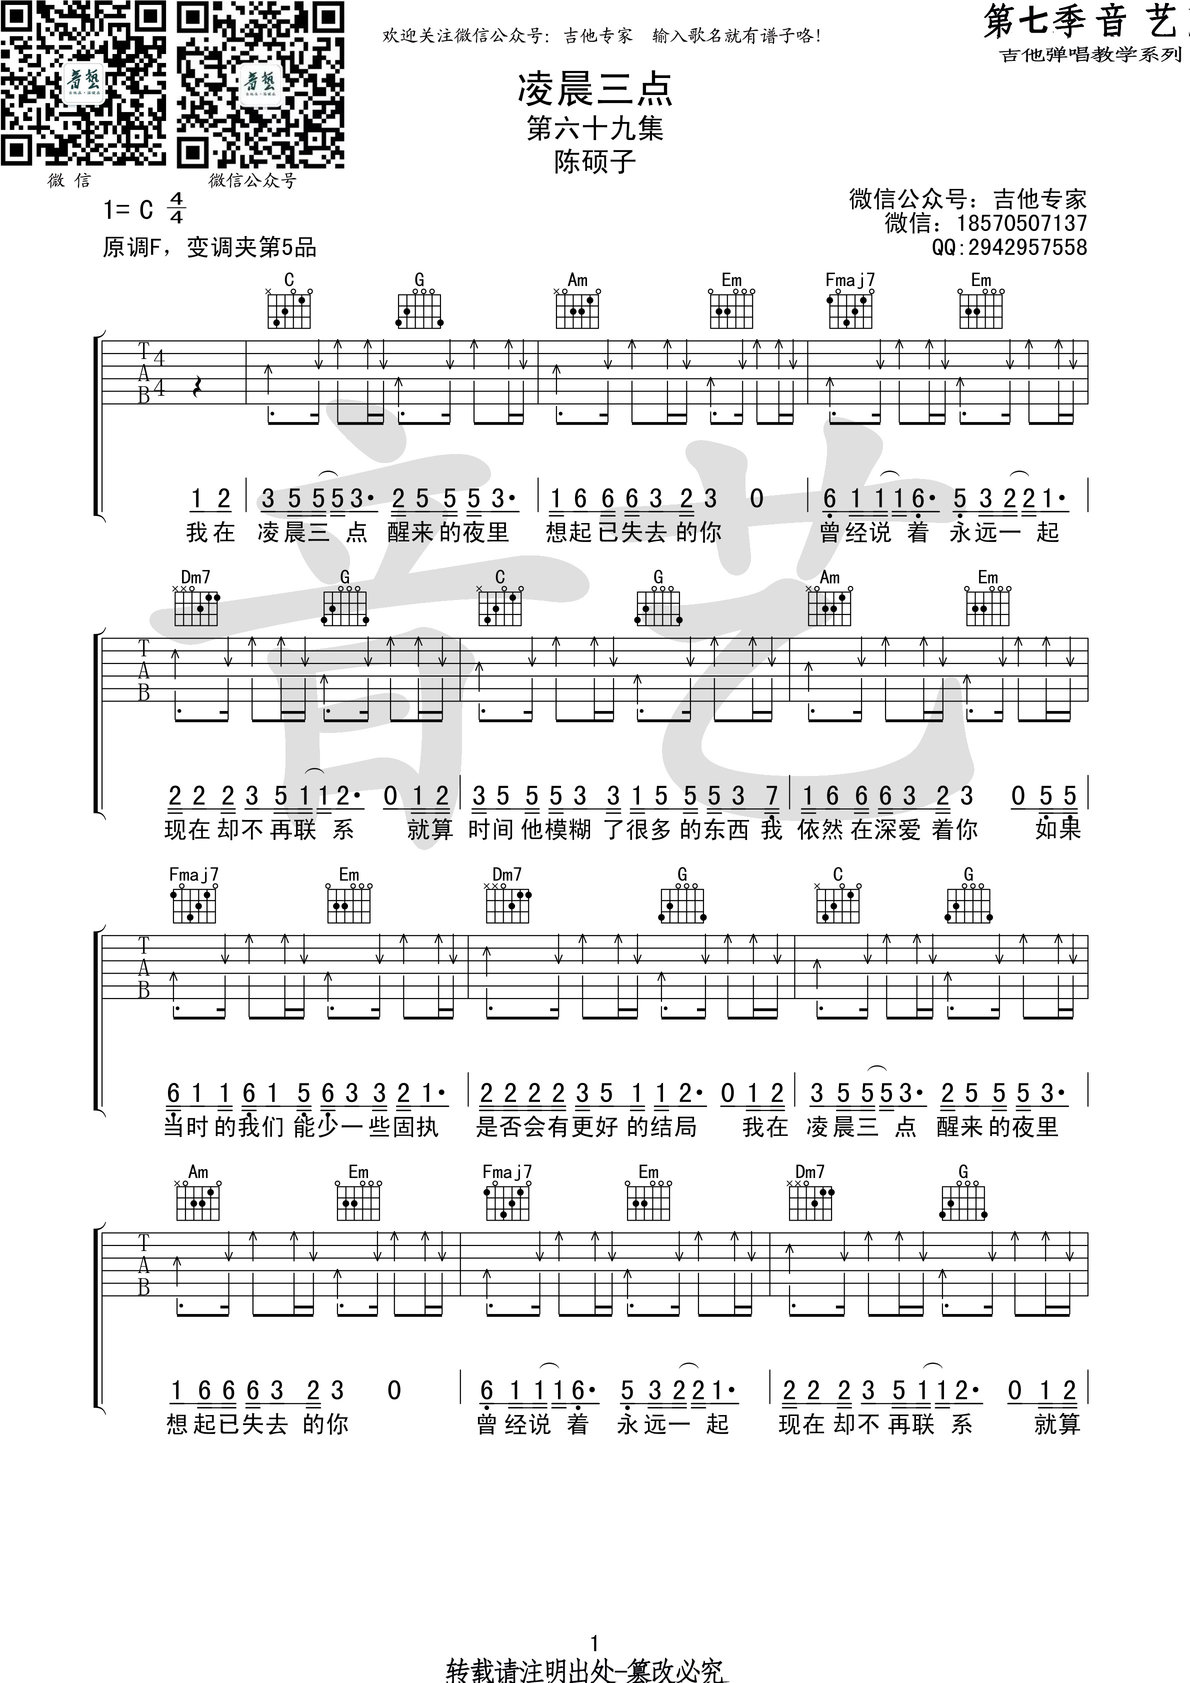 凌晨三點-陳碩子-图片吉他谱-1